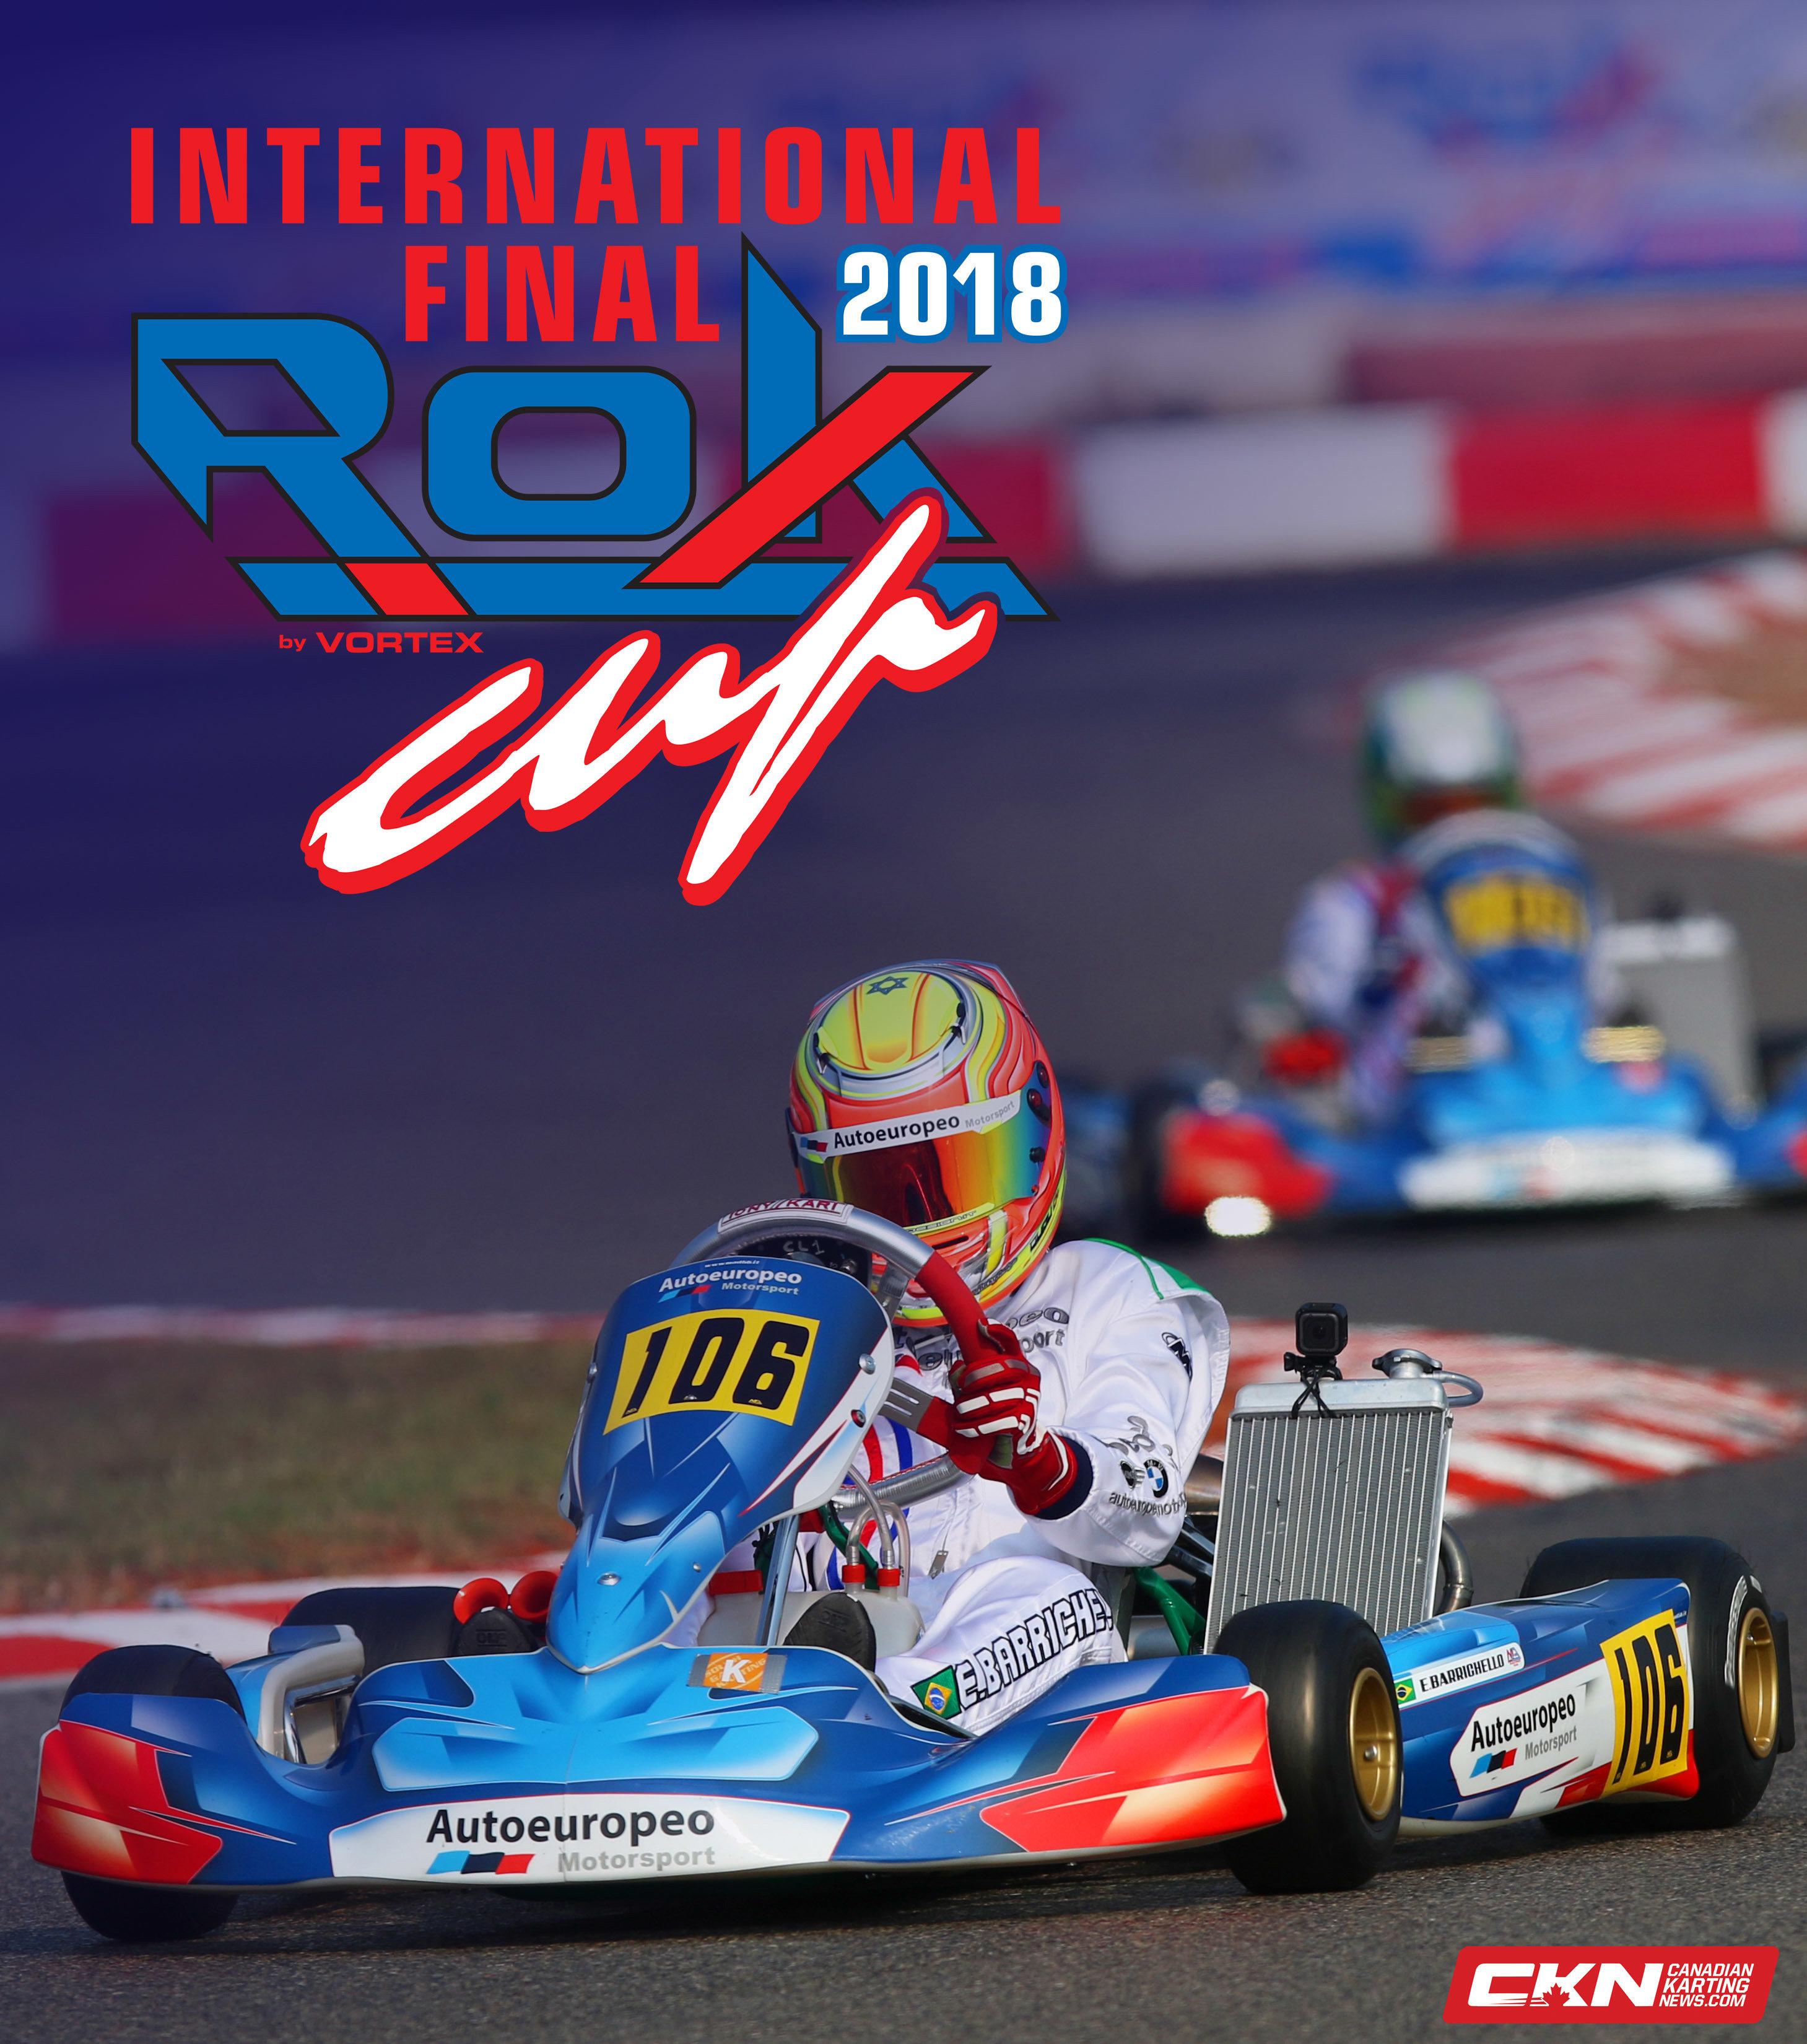 2018 ROK Cup International Final Photo Package 2018-ROK-Final